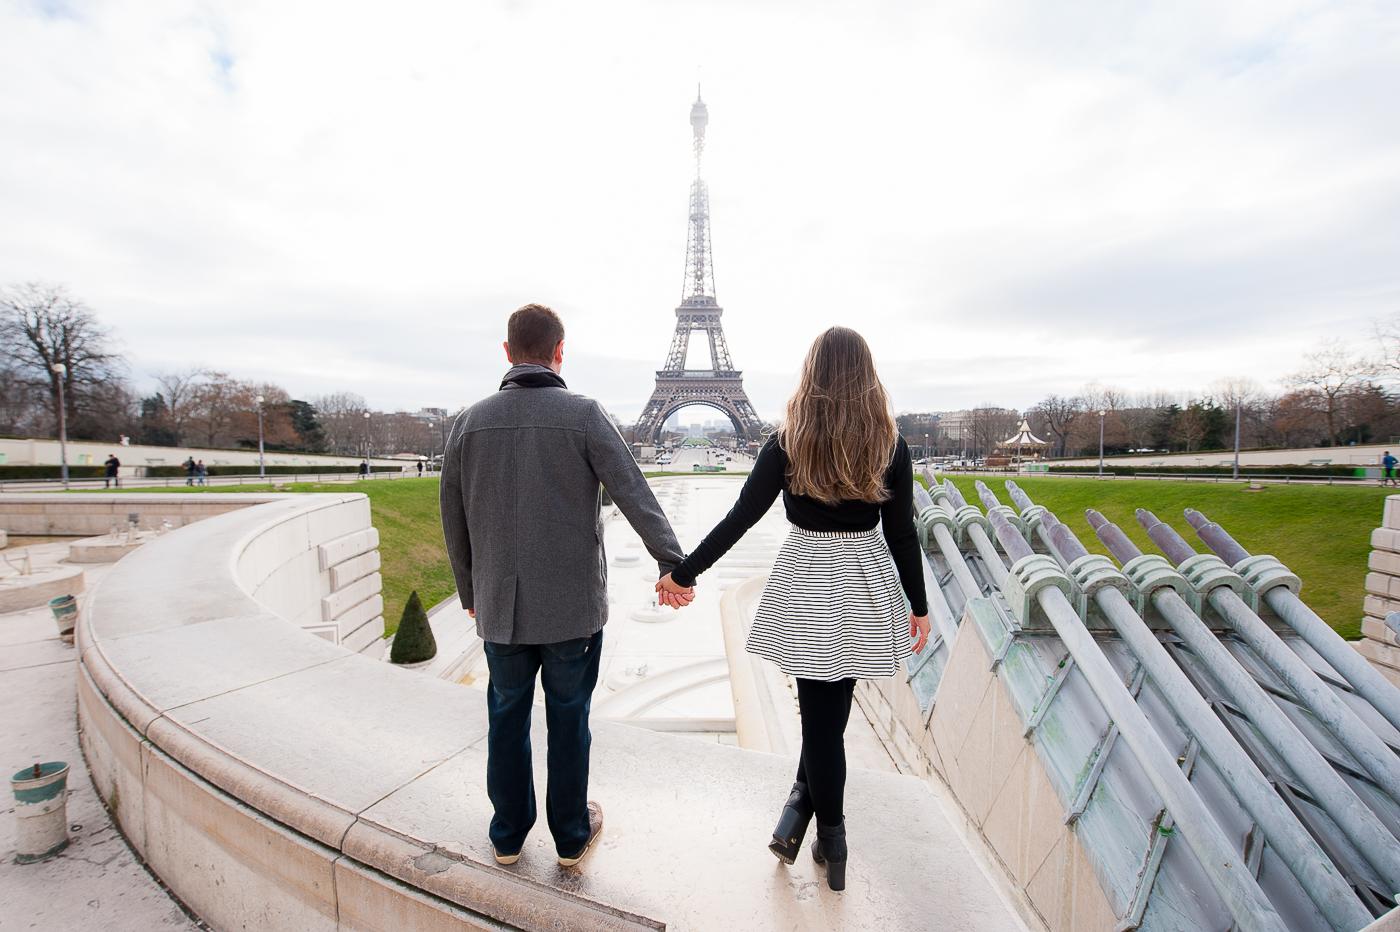 fotografo em parisfotografo em paris